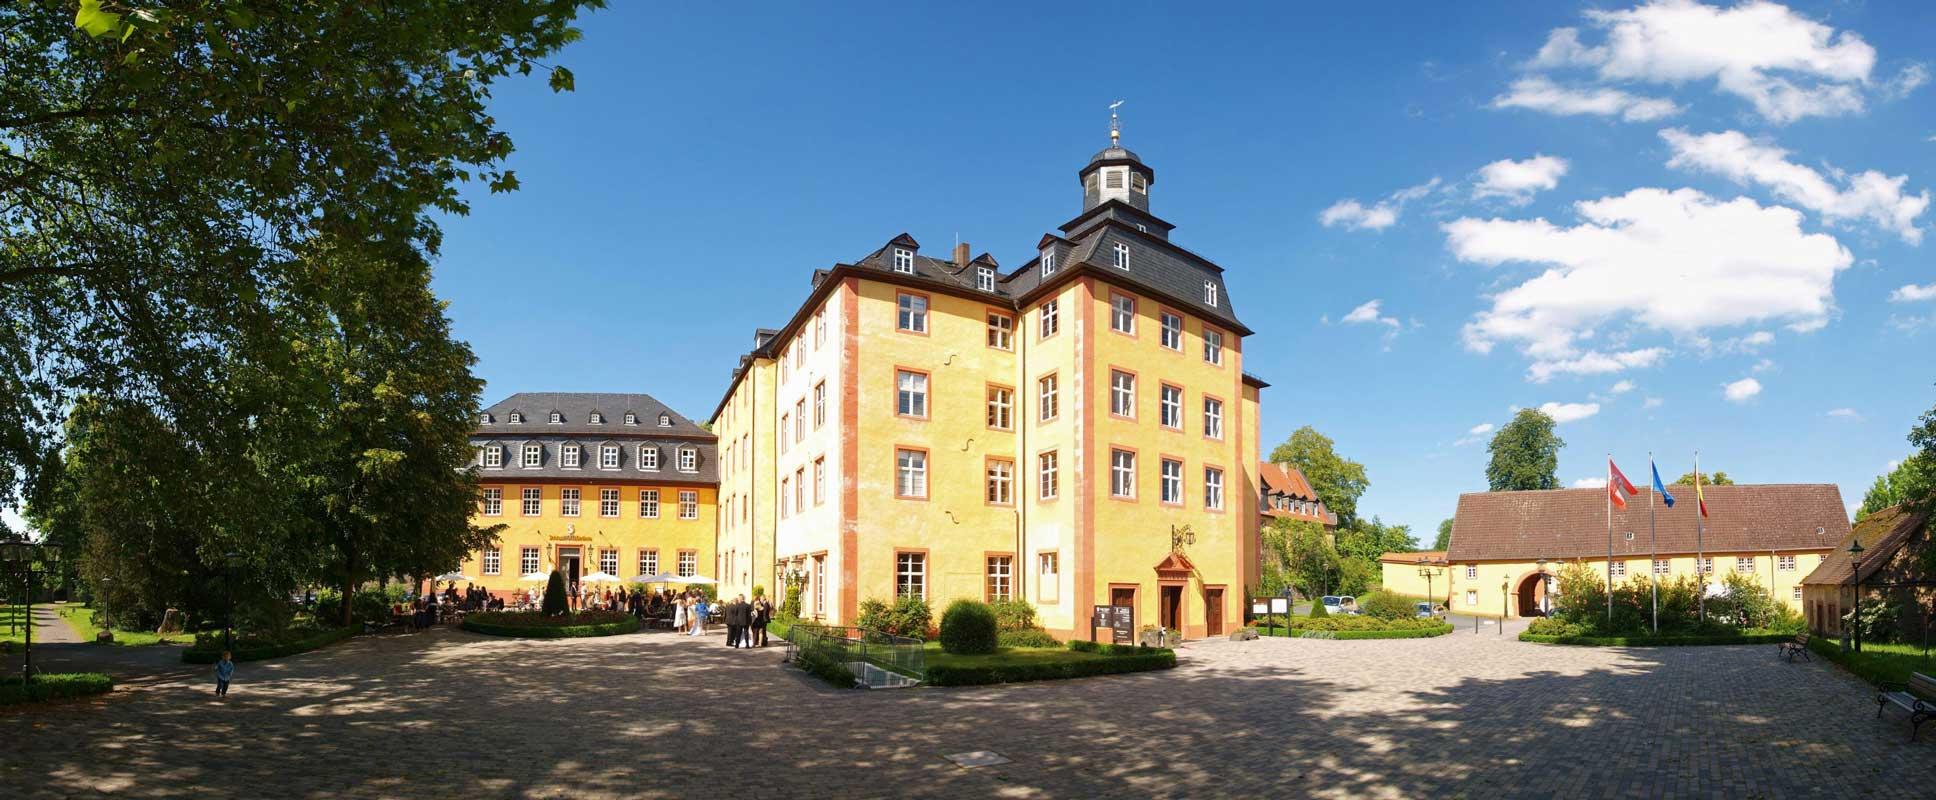 Schlosshotel Gedern